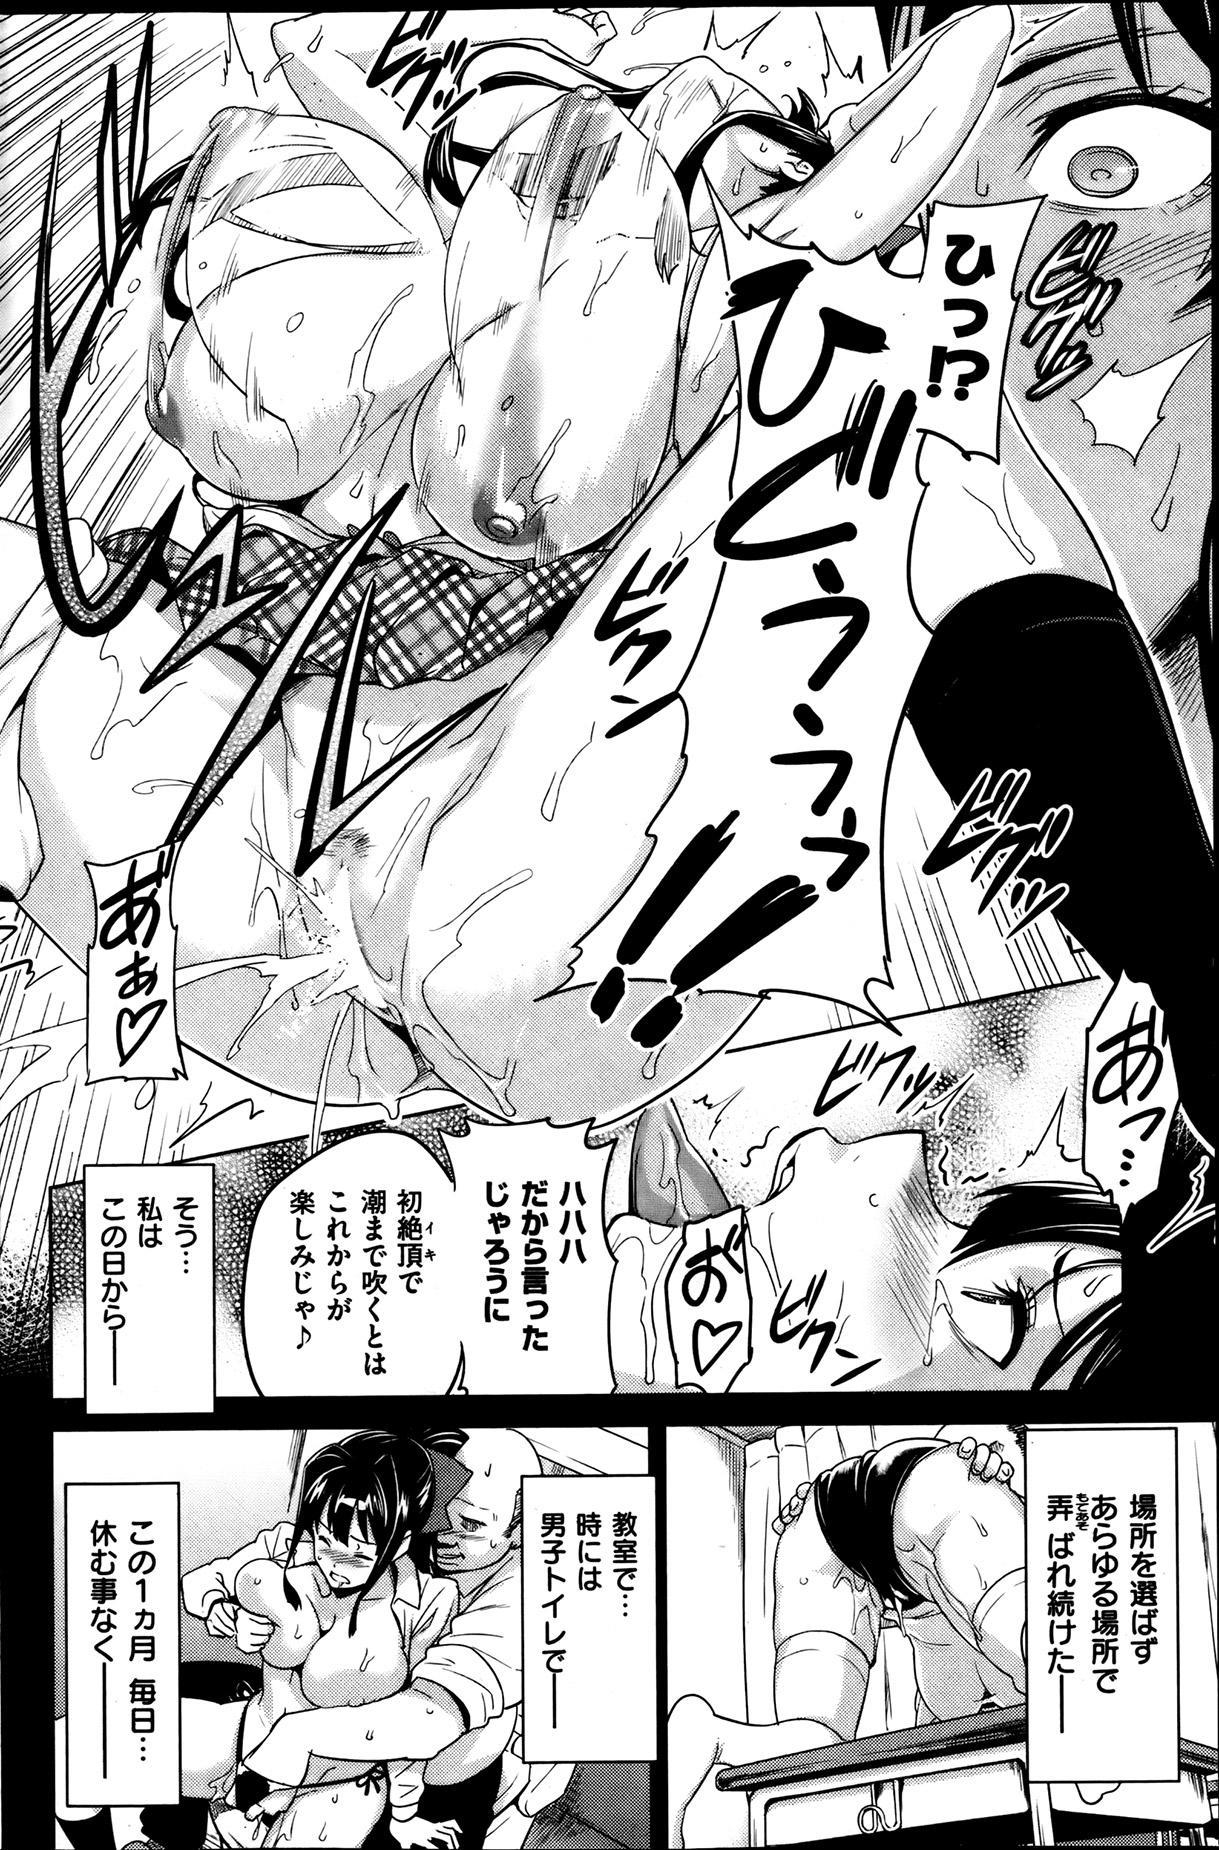 COMIC HANA-MAN 2013-08 Takeda Hiromitsu Tokushuu 113